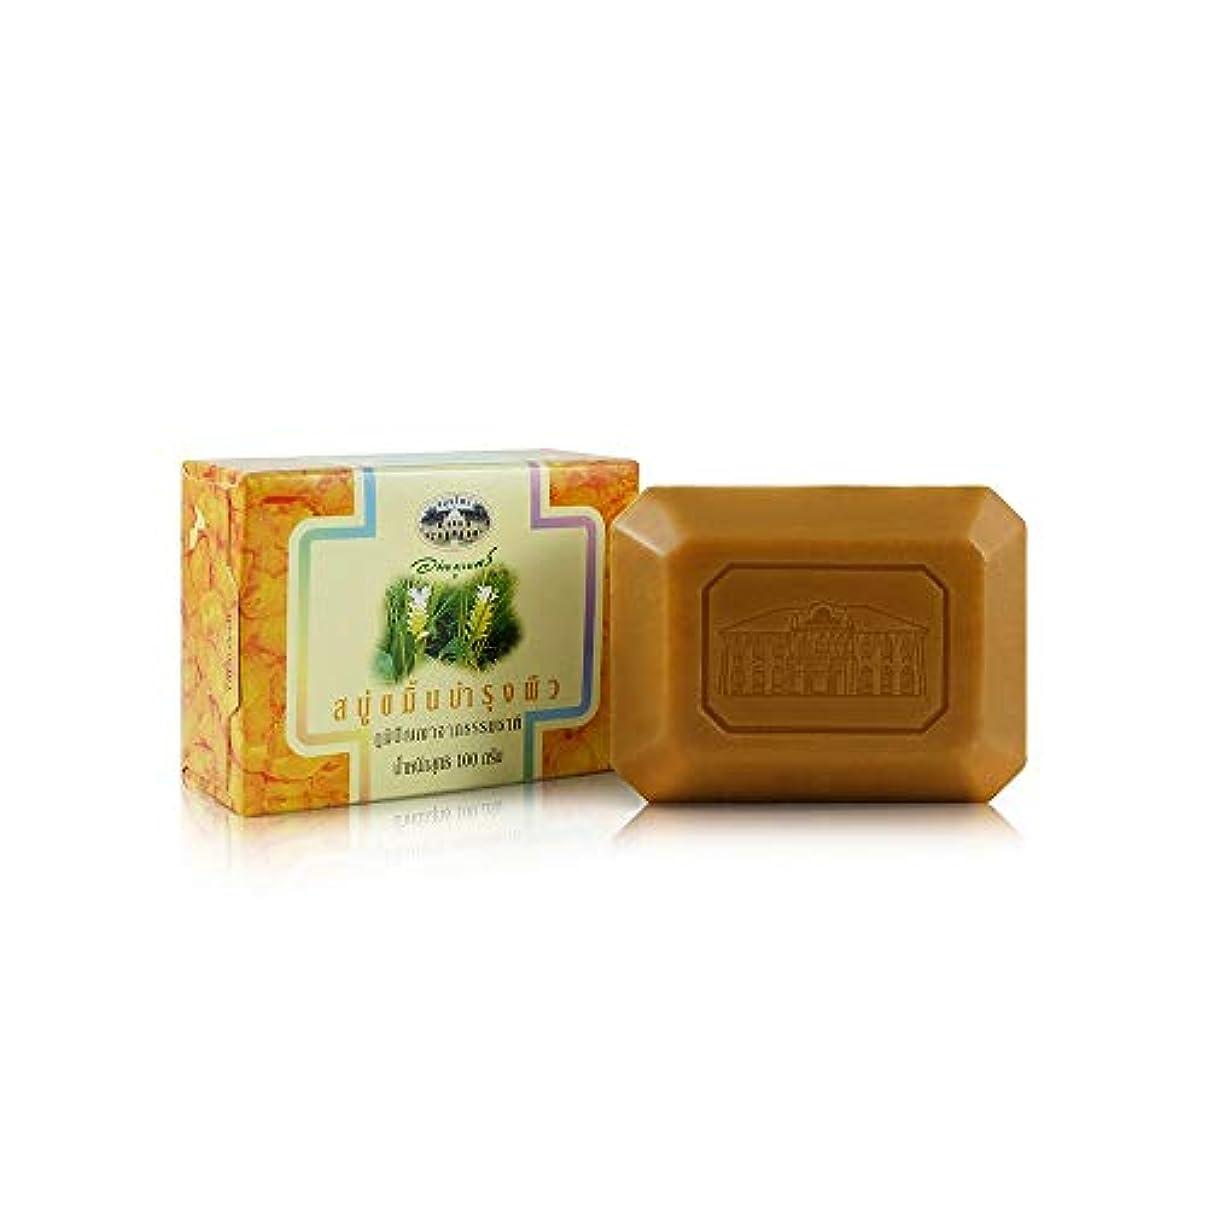 コミットカセットラバAbhaibhubejhr Turmeric Herbal Body Cleansing Soap 100g. Abhaibhubejhrターメリックハーブボディクレンジングソープ100グラム。